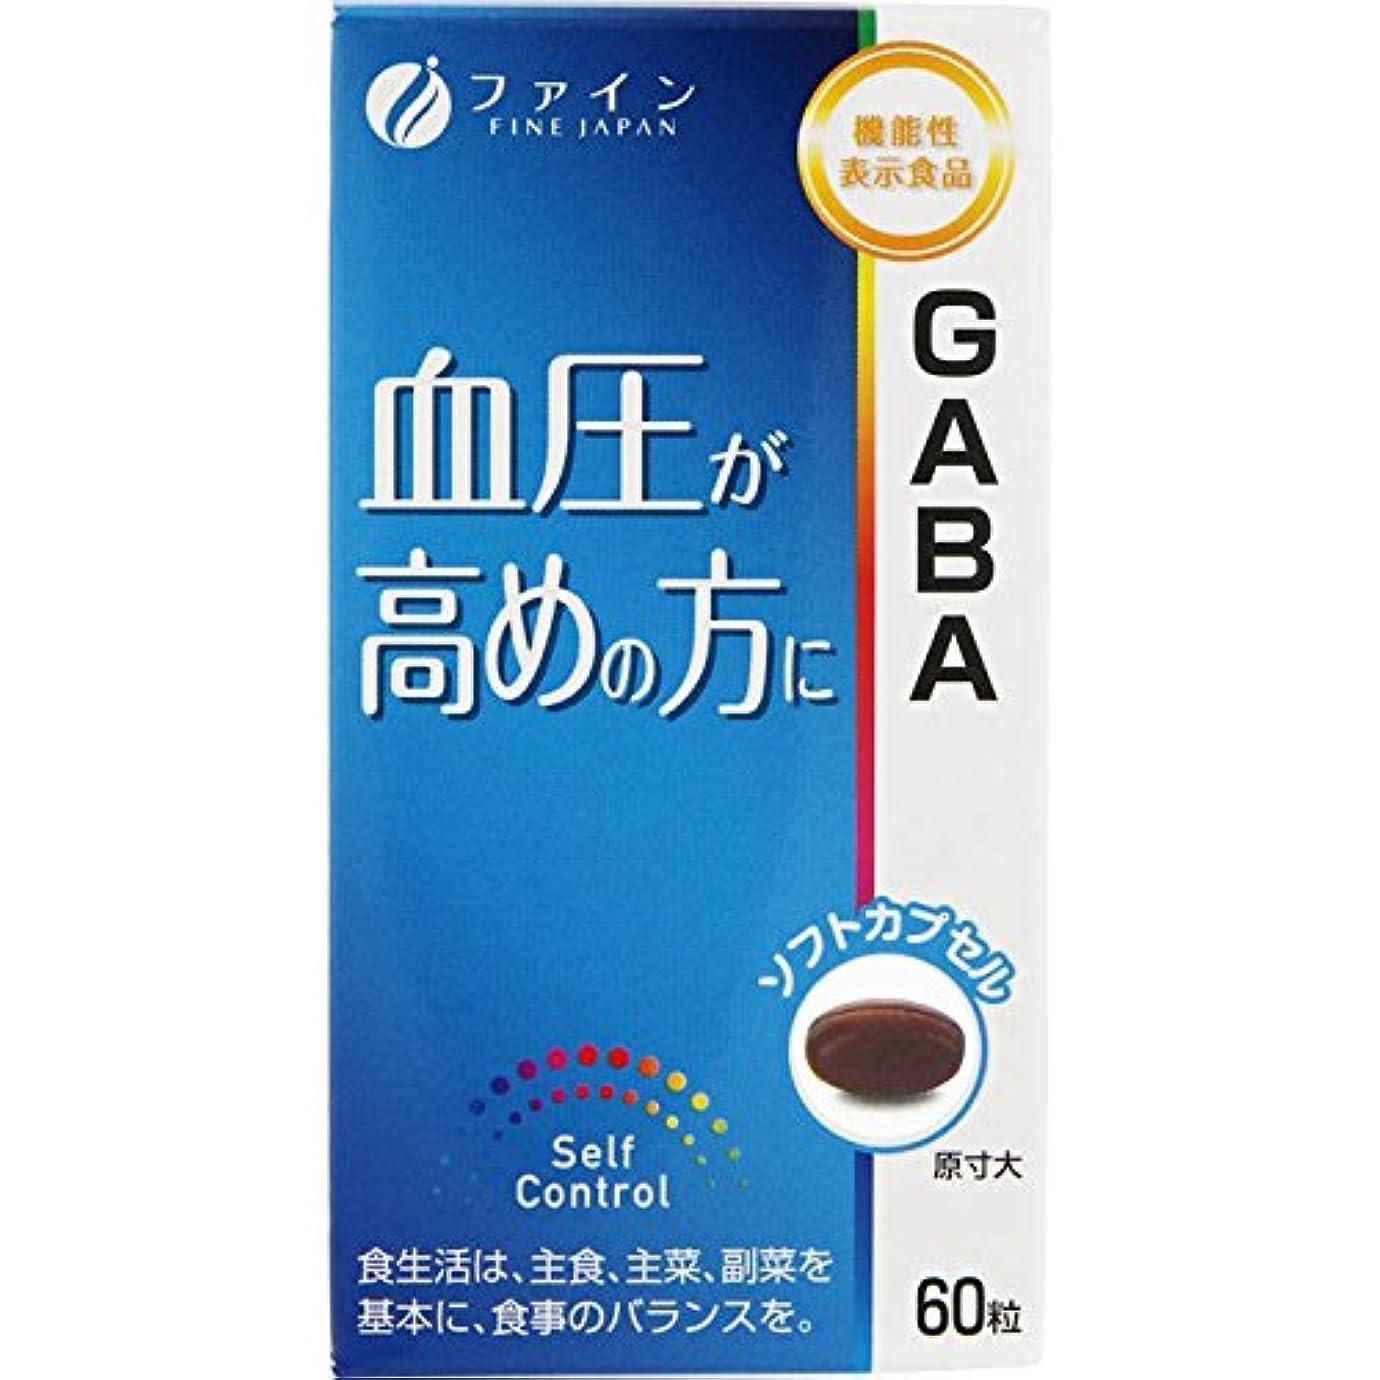 別に酔っ払い科学的ファイン 機能性表示食品 GABA 30日分(60粒) EPA DHA 配合